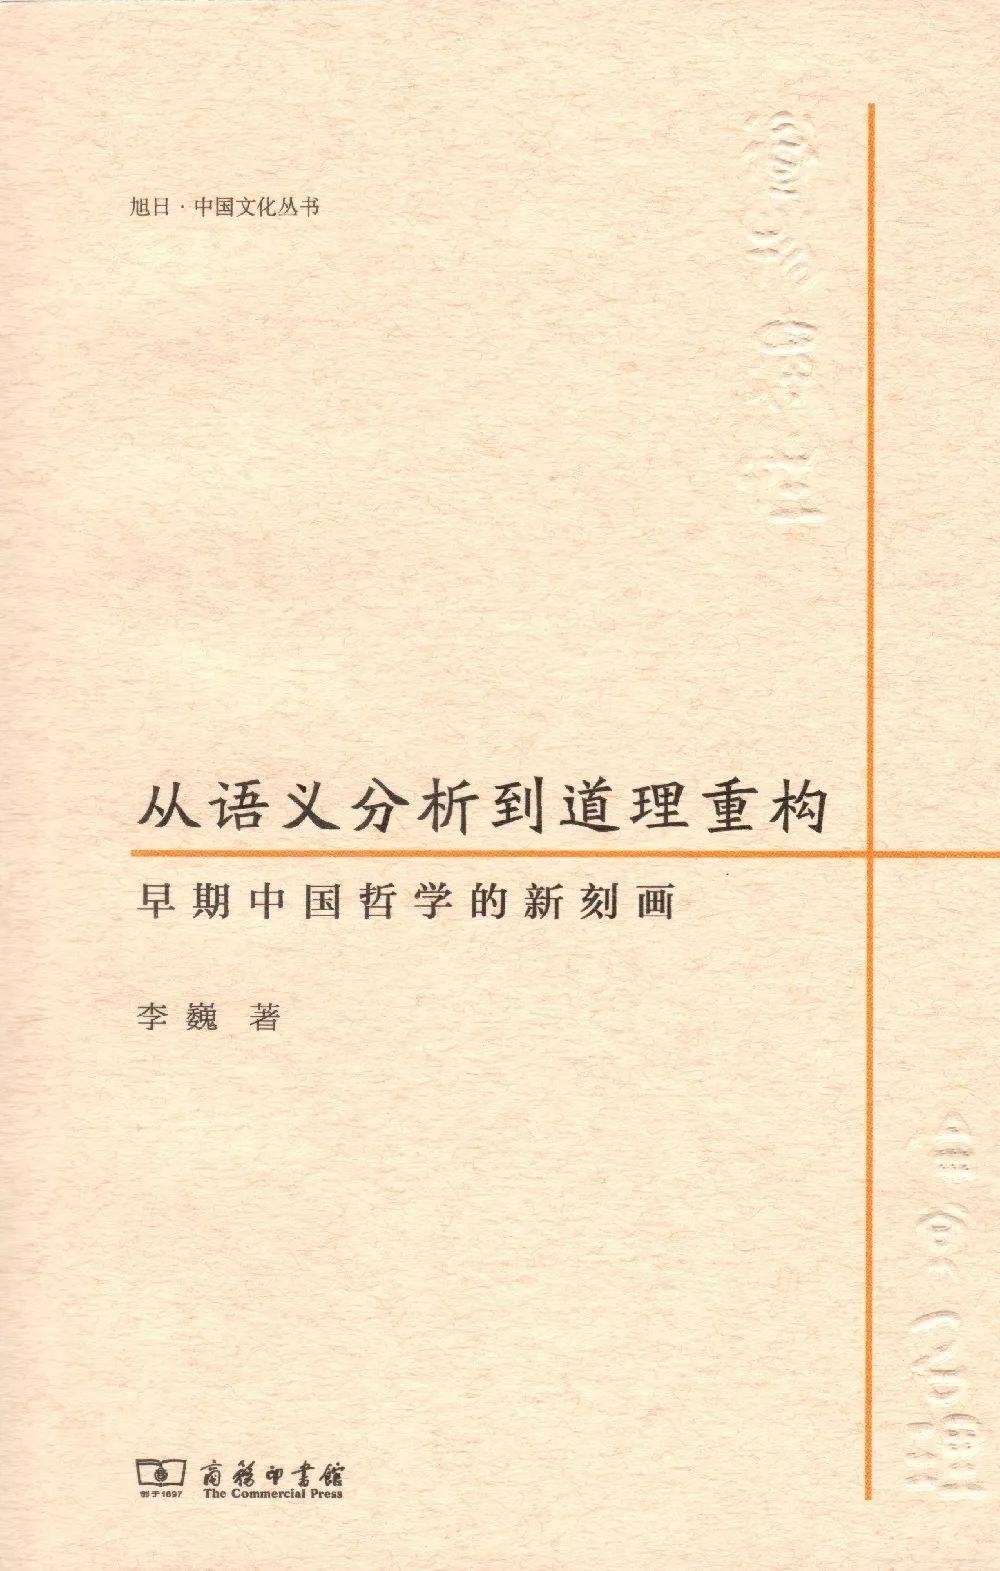 圆桌|中国哲学研究新范式的可能性(图)